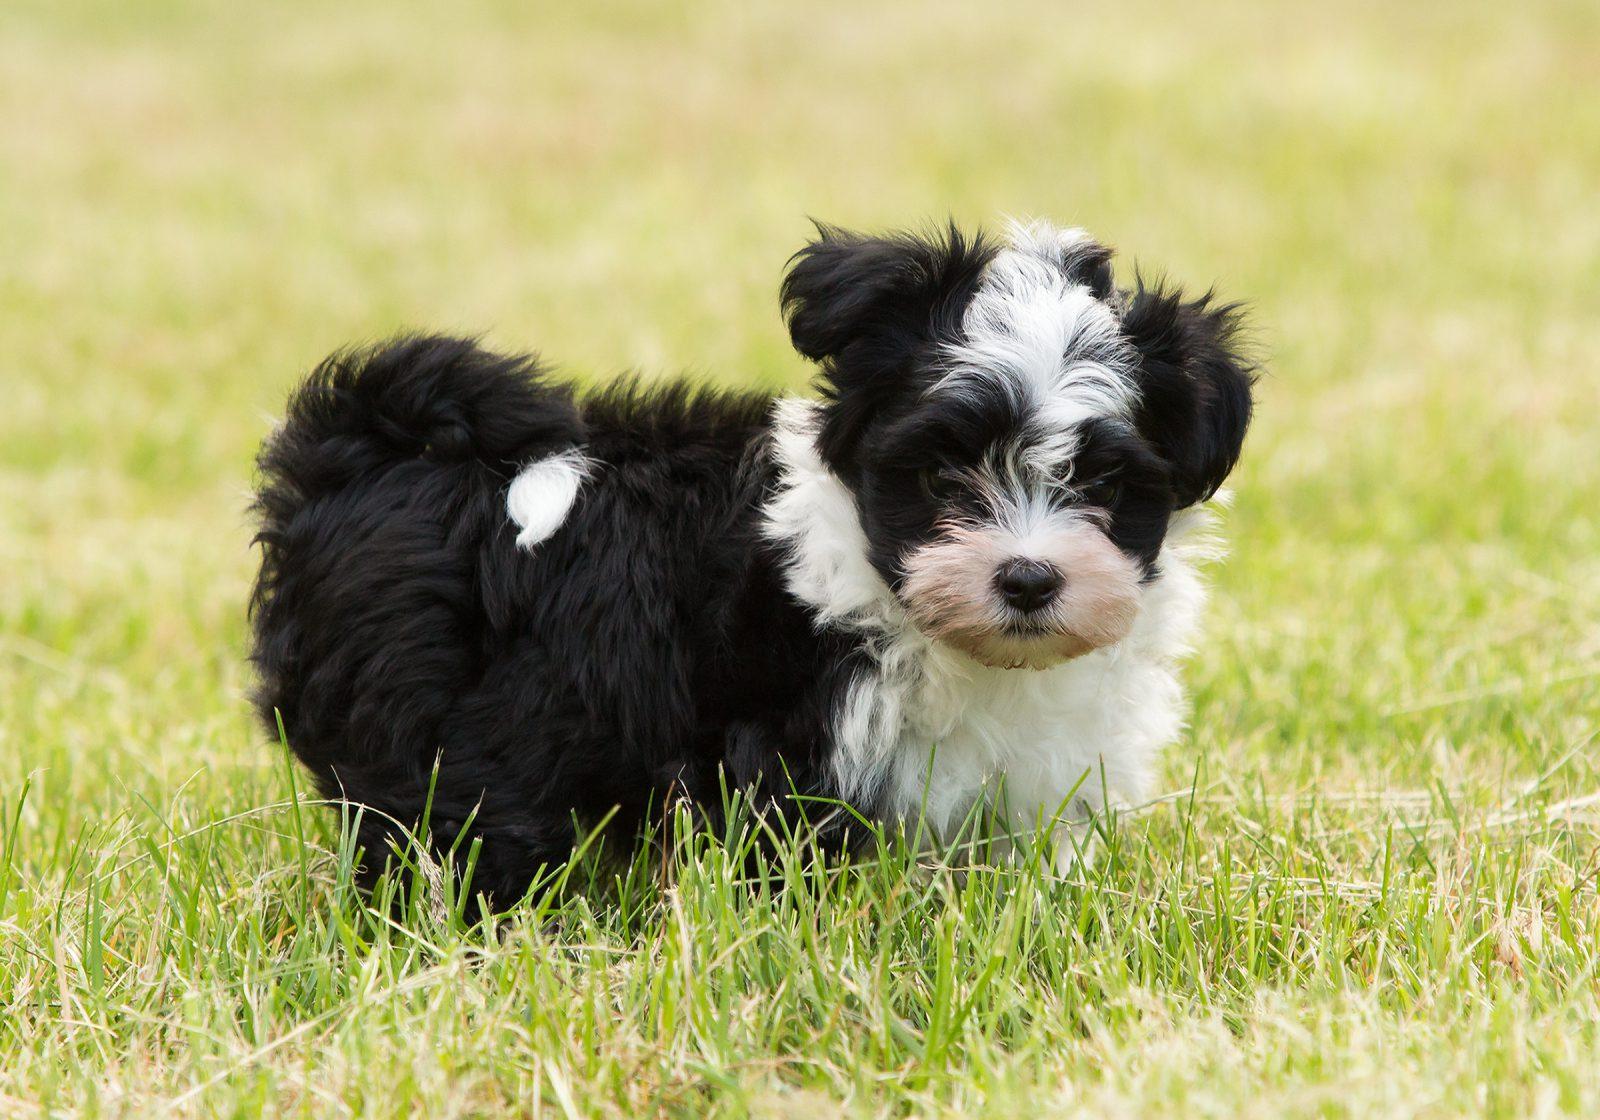 Cachorro de pelo longo: Havanês filhote preto e branco no gramado do parque.